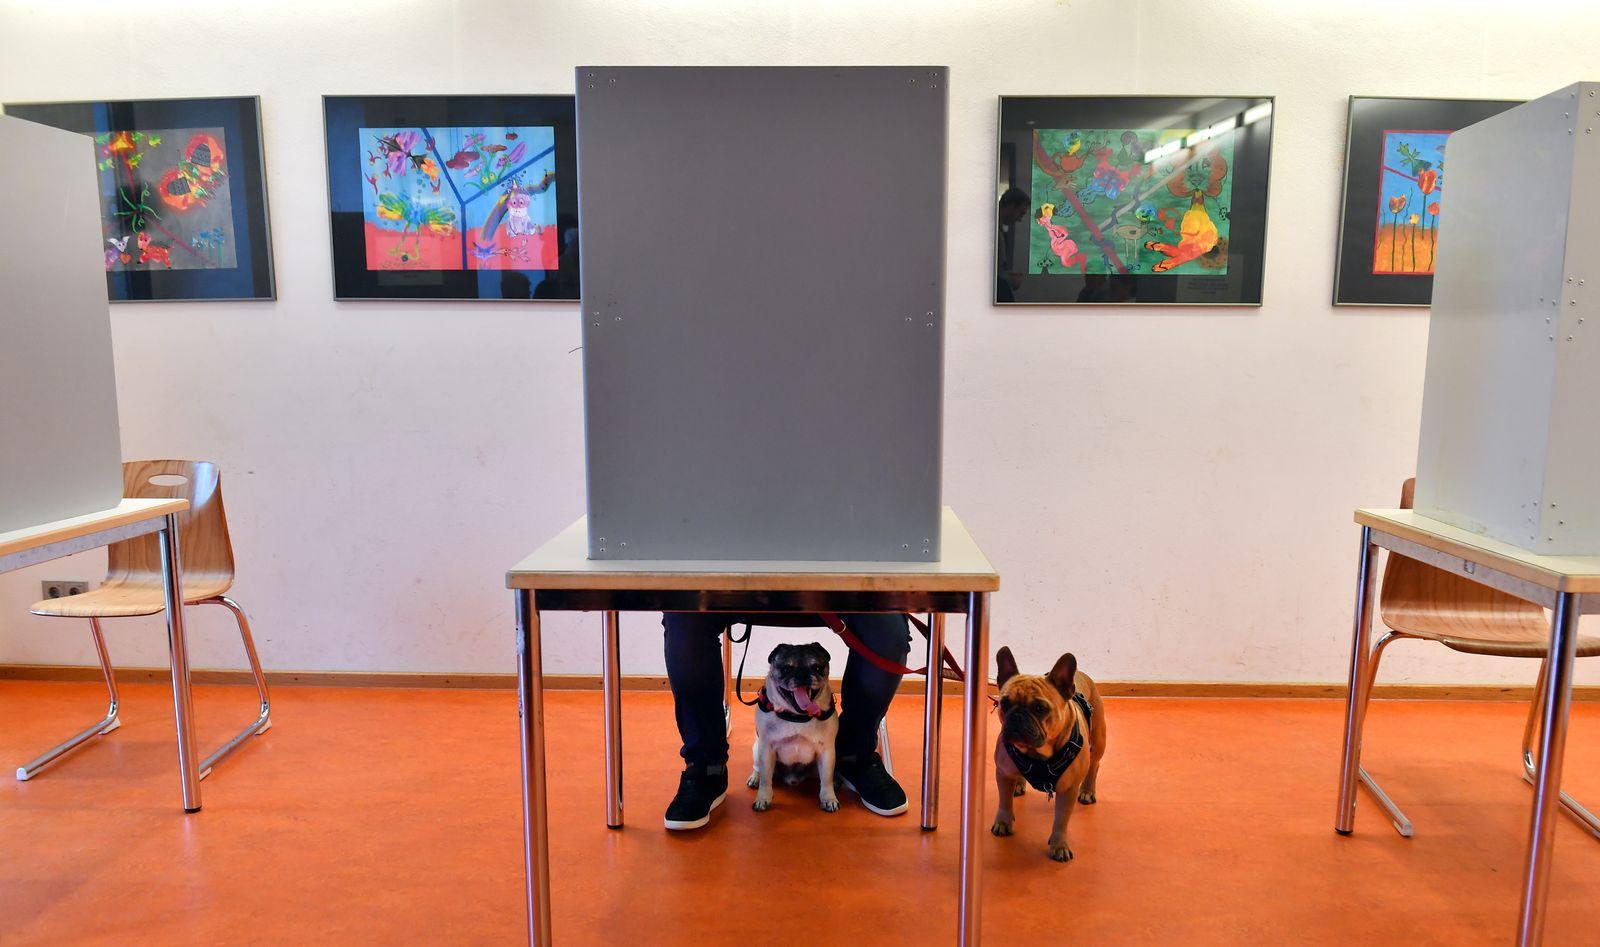 Landtagswahl in Thüringen - Stimmabgabe/ Wahlkabine